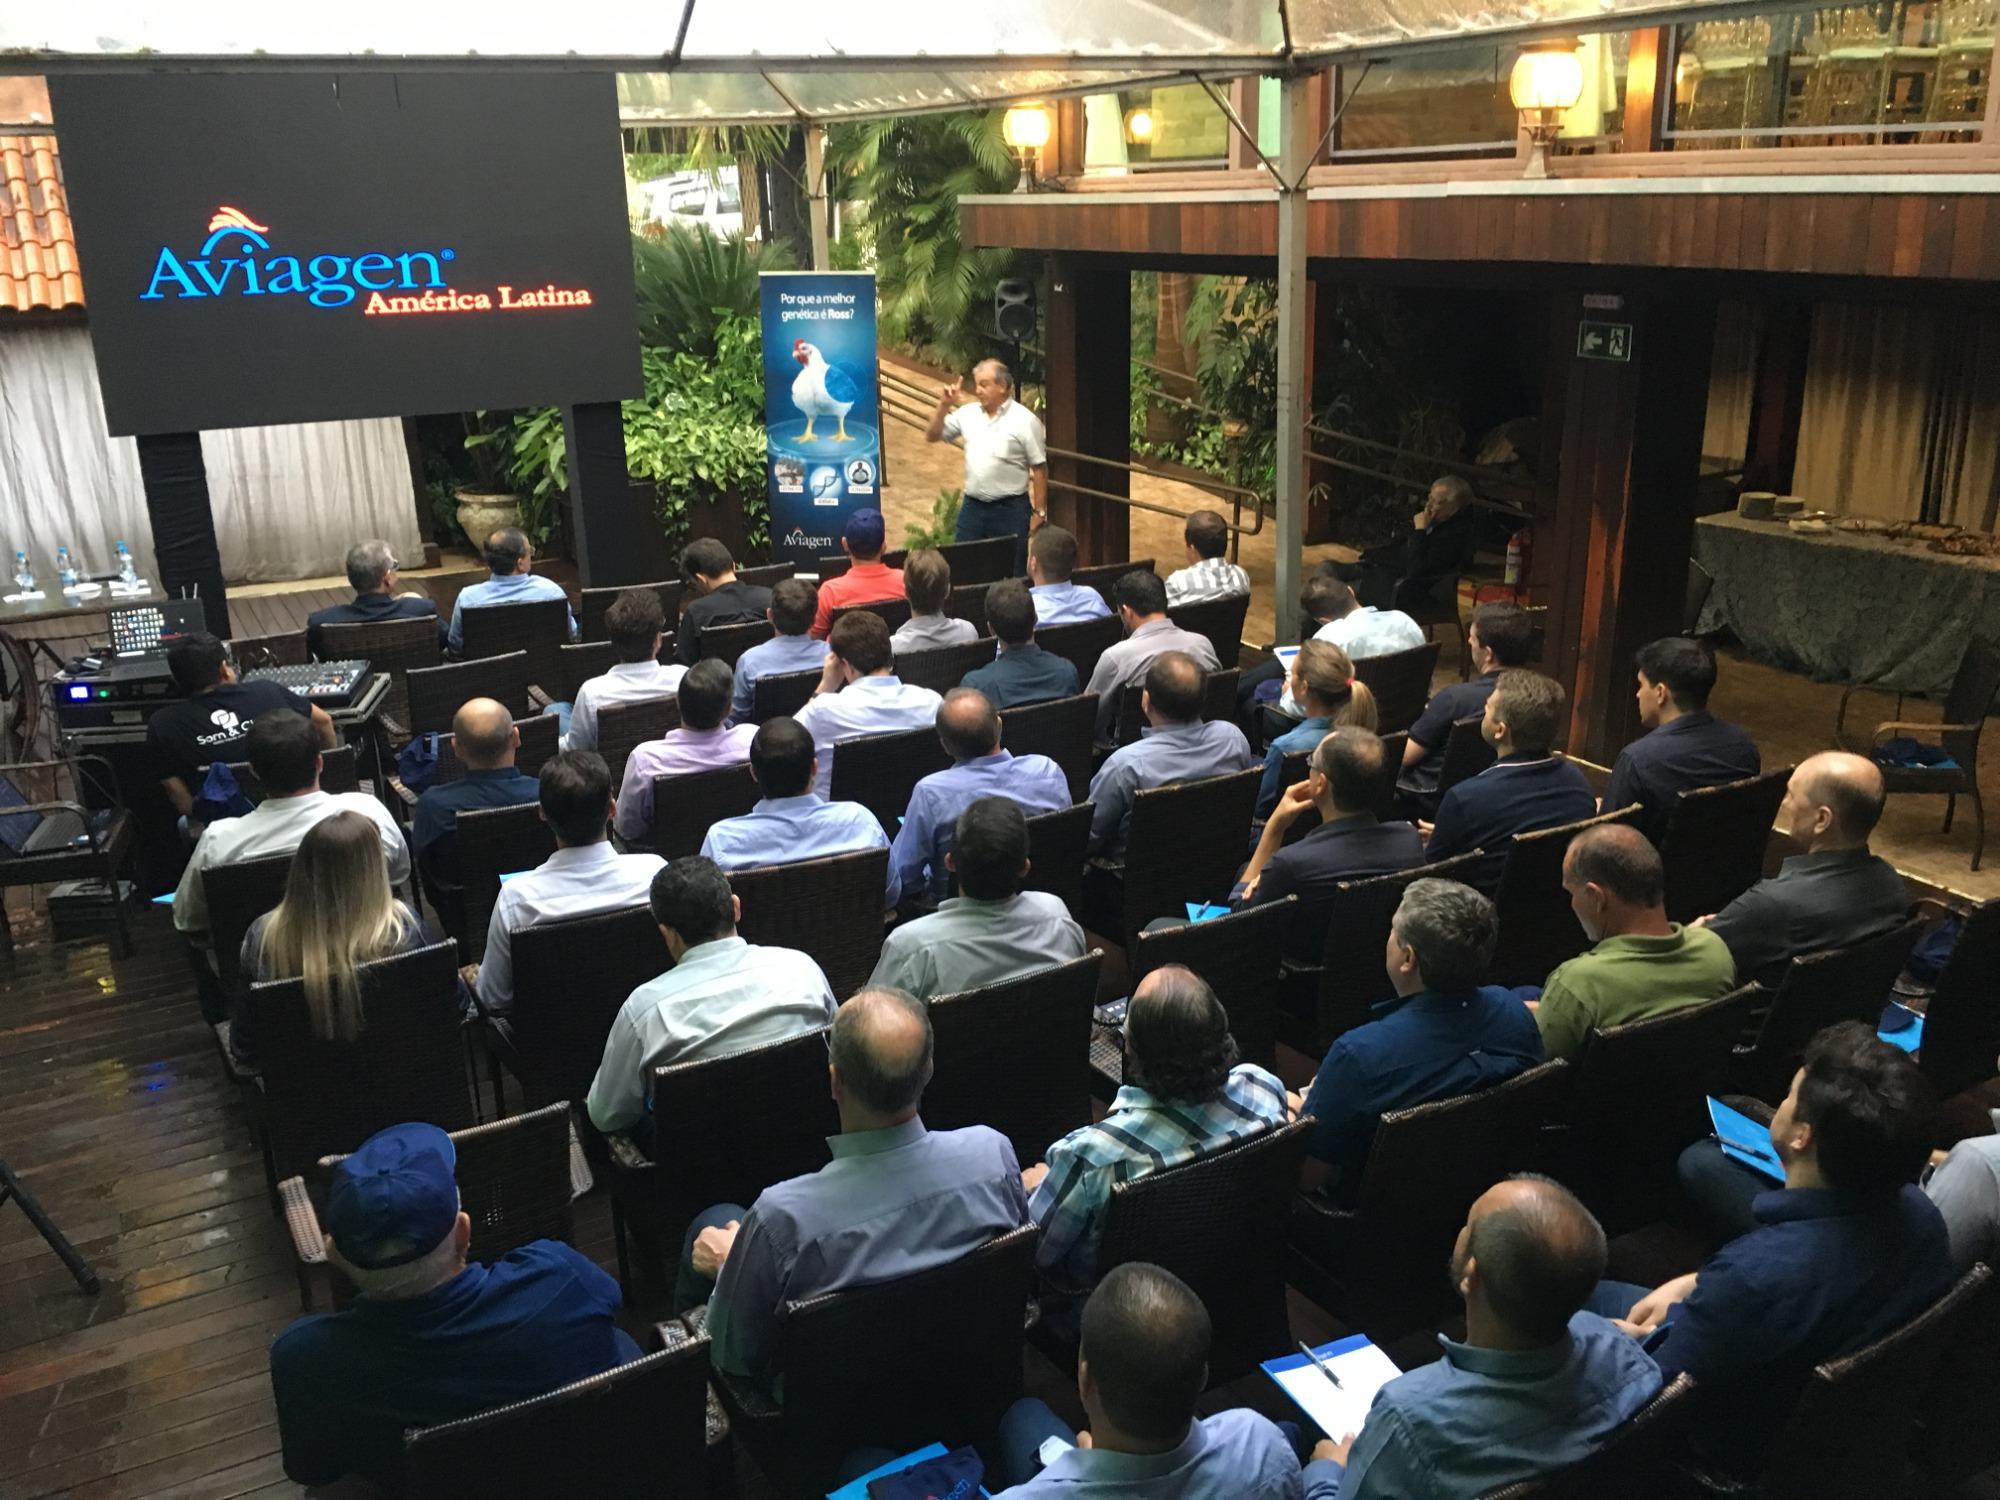 Aviagen promove evento em Cascavel